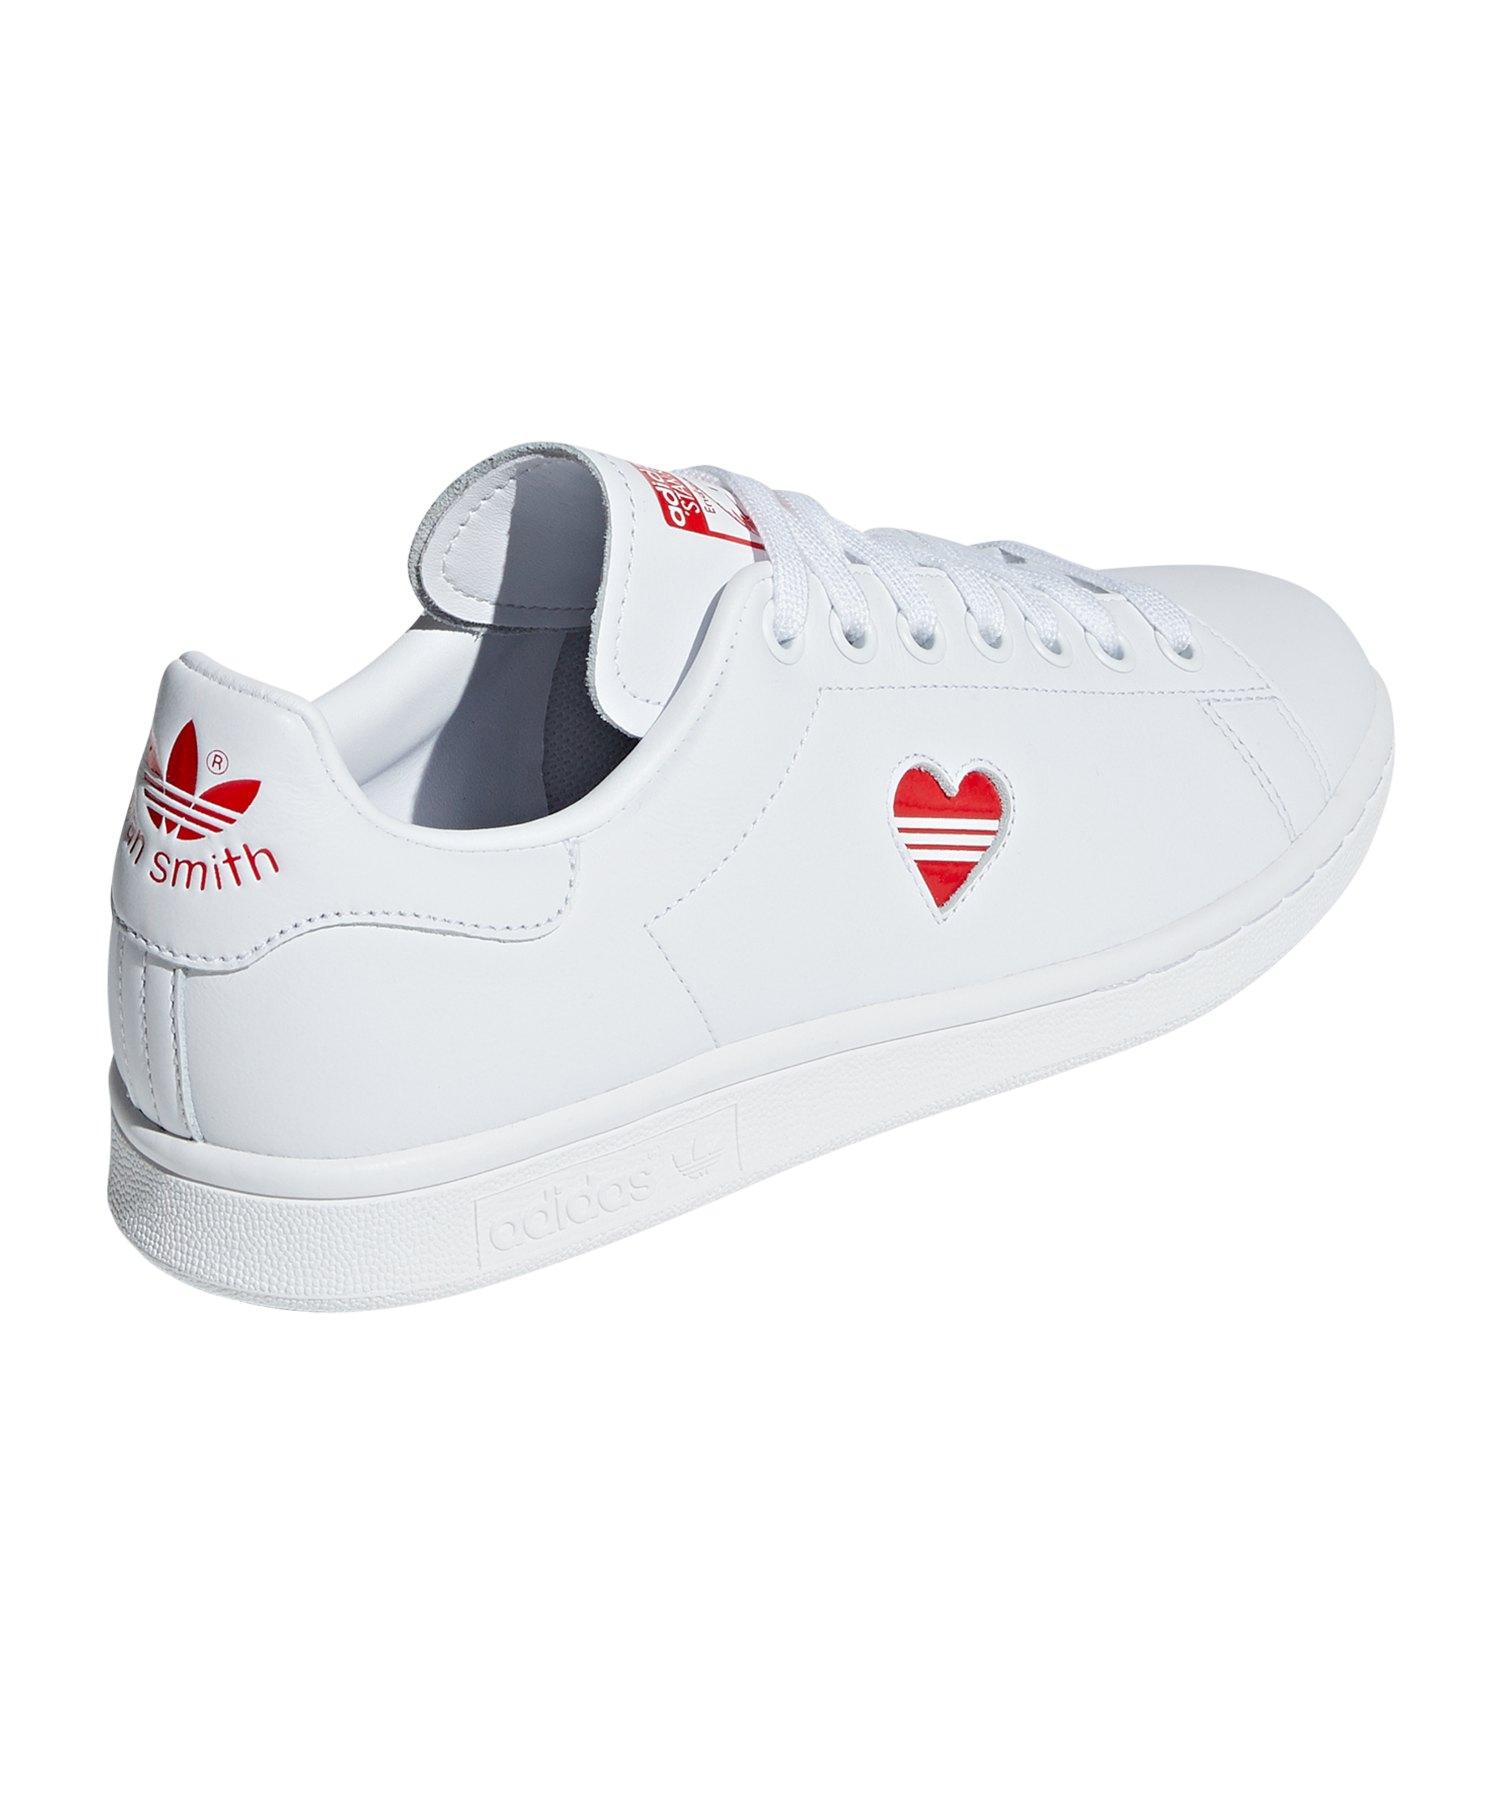 new product 8785c 368a8 ... adidas Originals Stan Smith Sneaker Damen Weiss - weiss ...